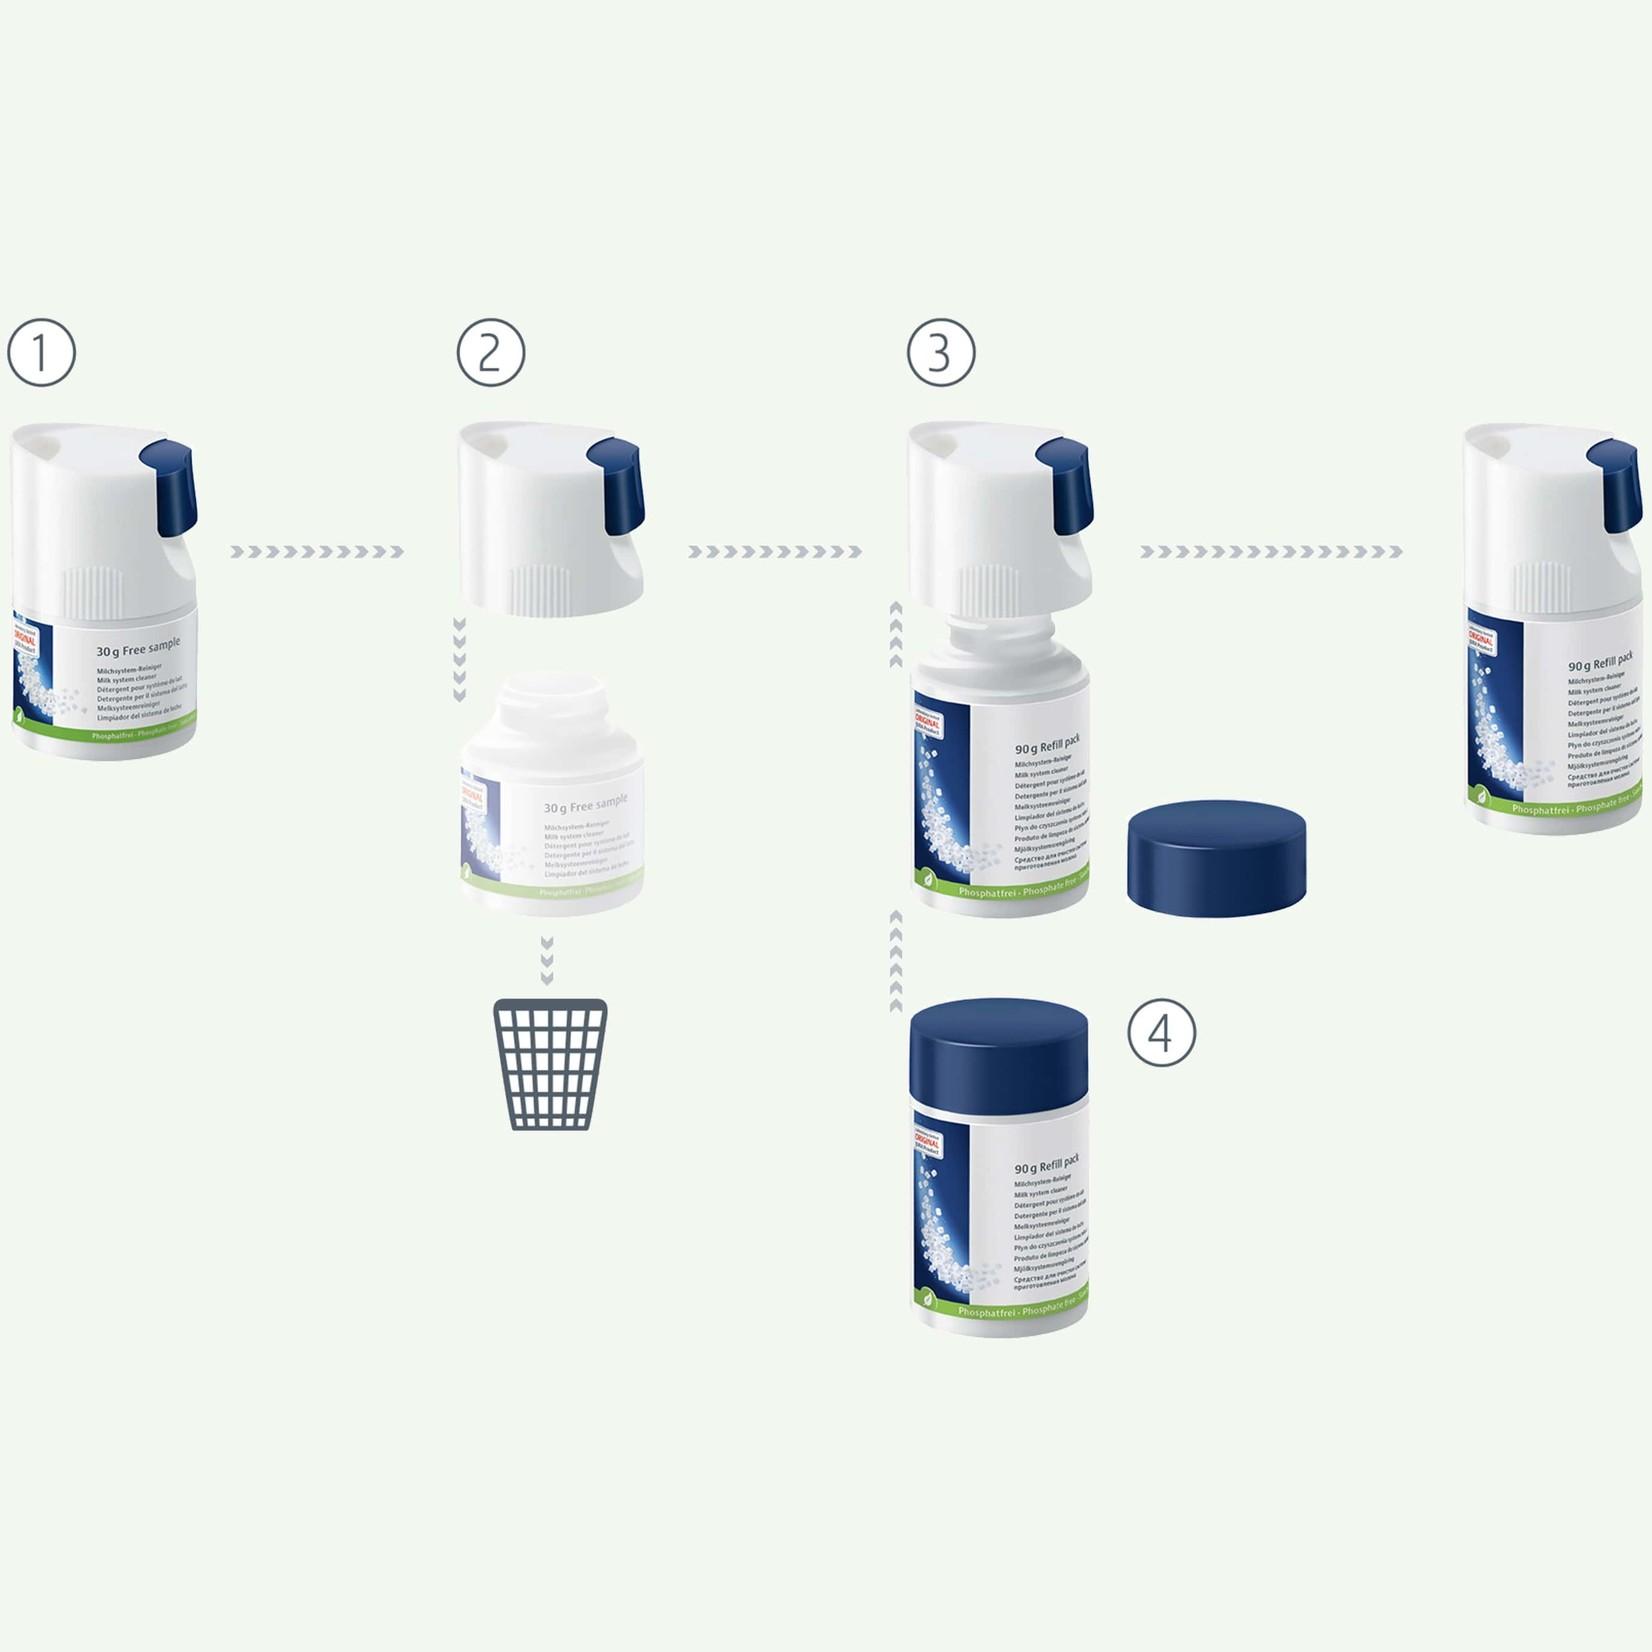 Jura Melksysteemreiniger (mini-tabletten) 90 g navulflesje